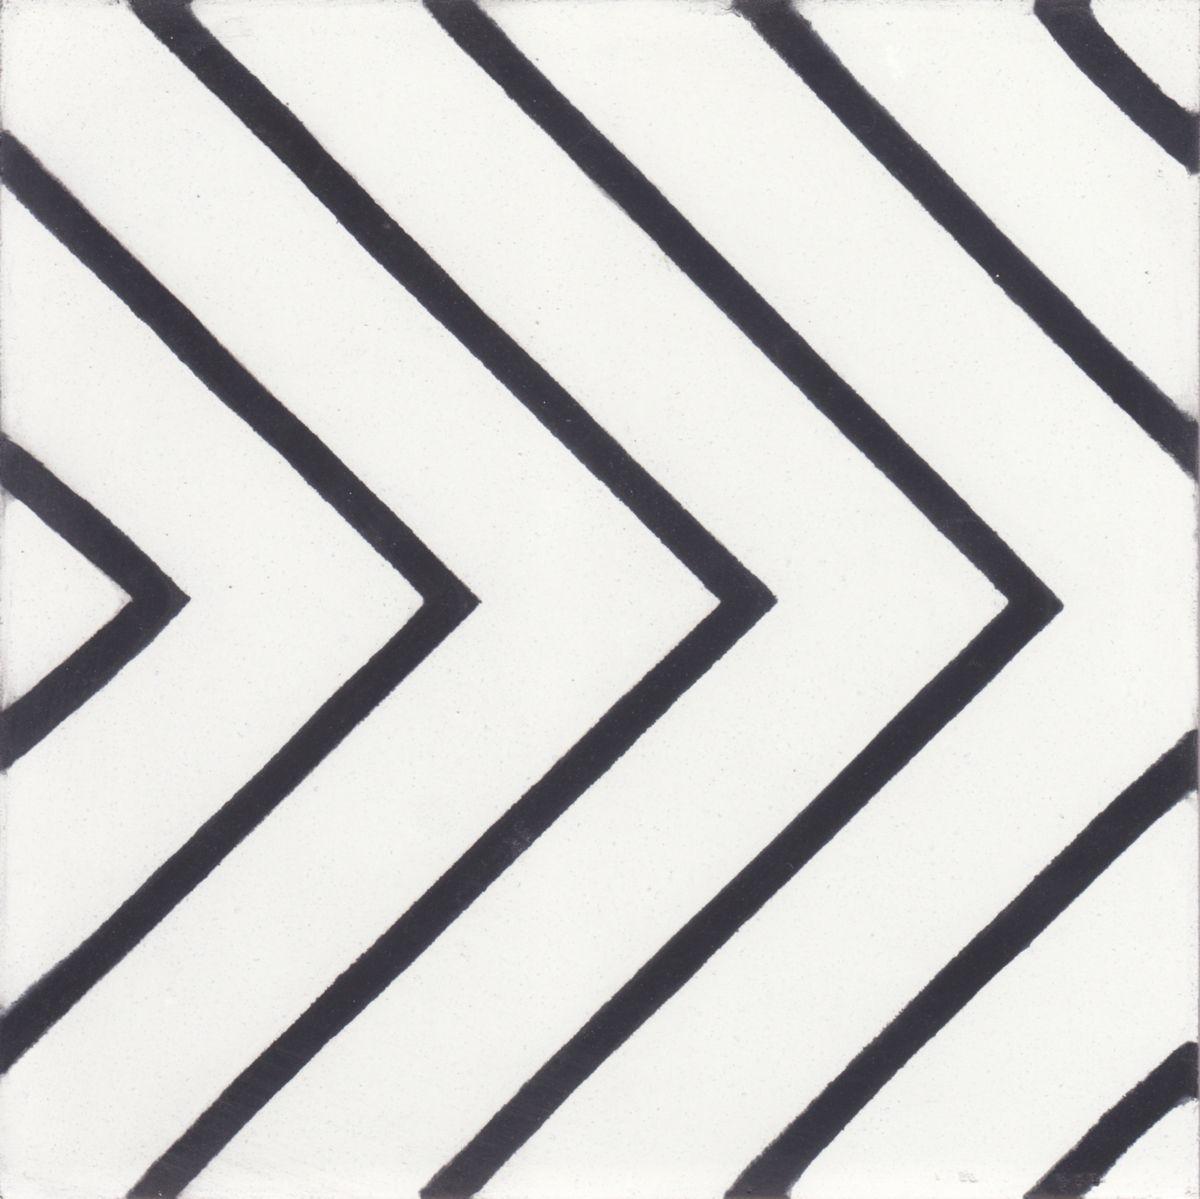 Carreau Ciment Diffusion Ceramique Martine décor 20x20cm TRC2020C349